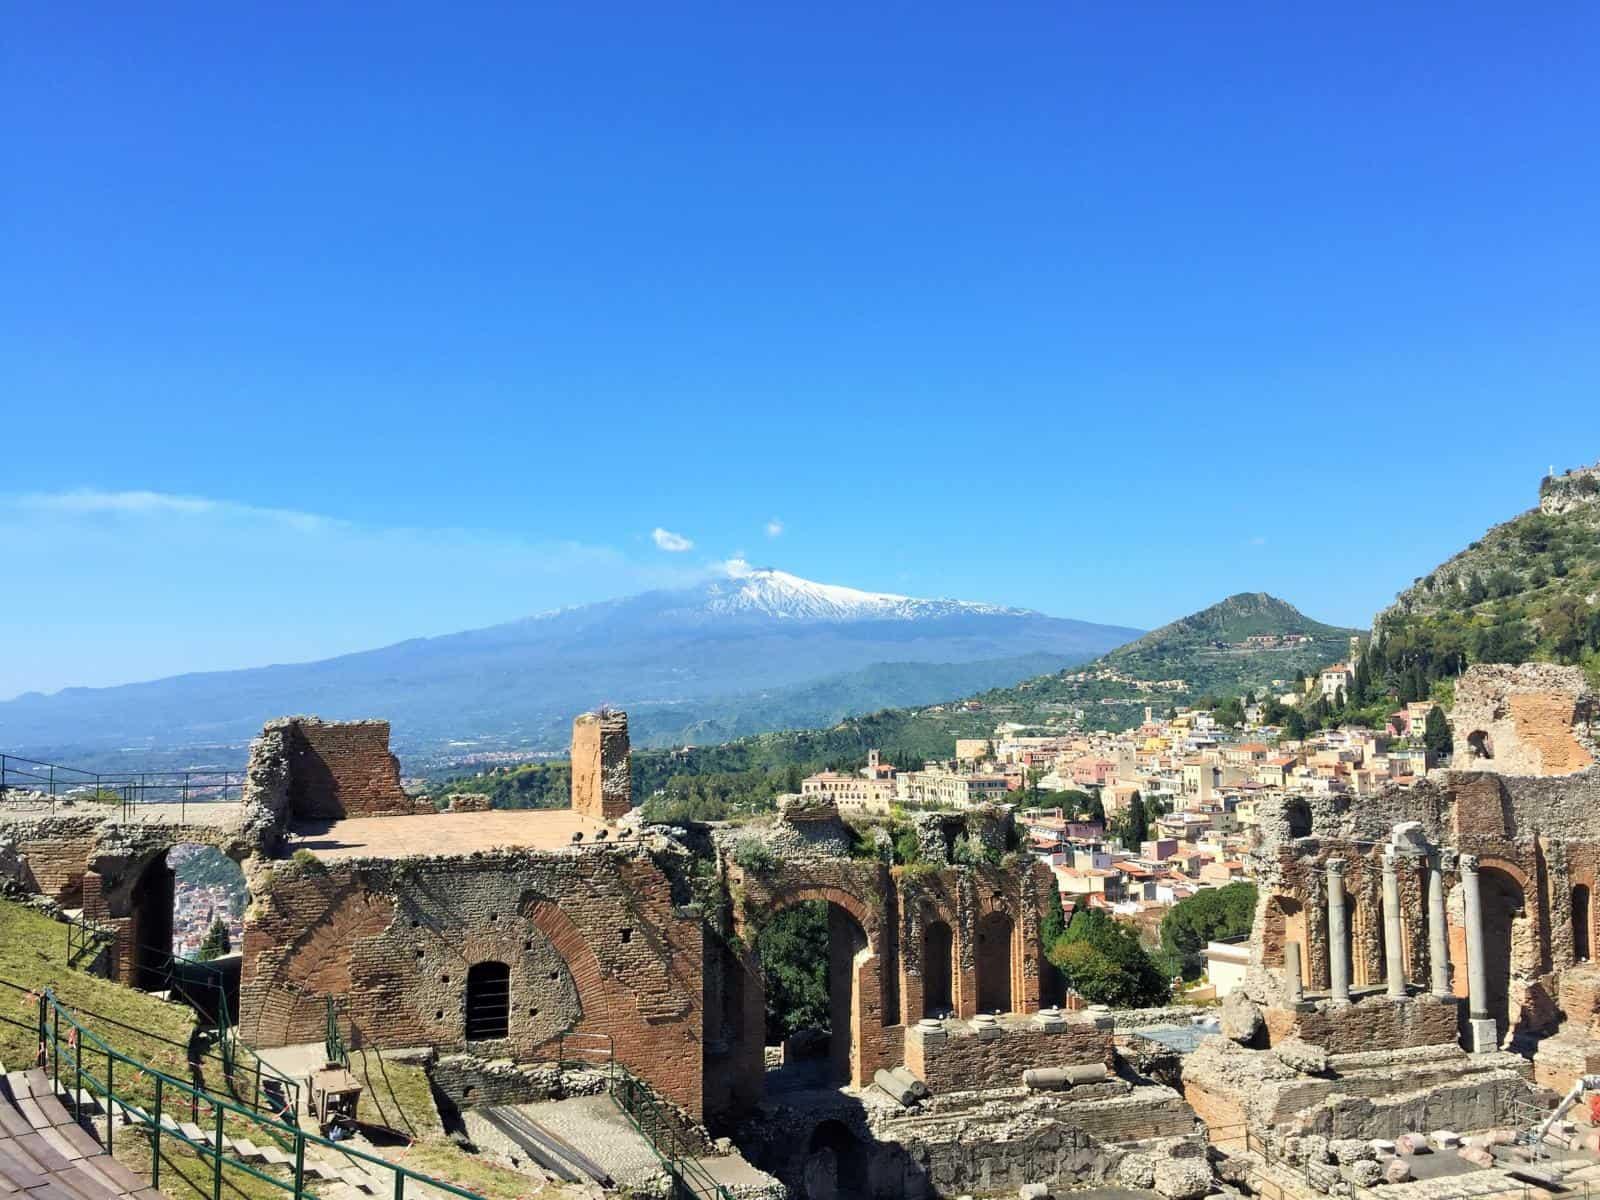 Visiting Europe in April - Taormina